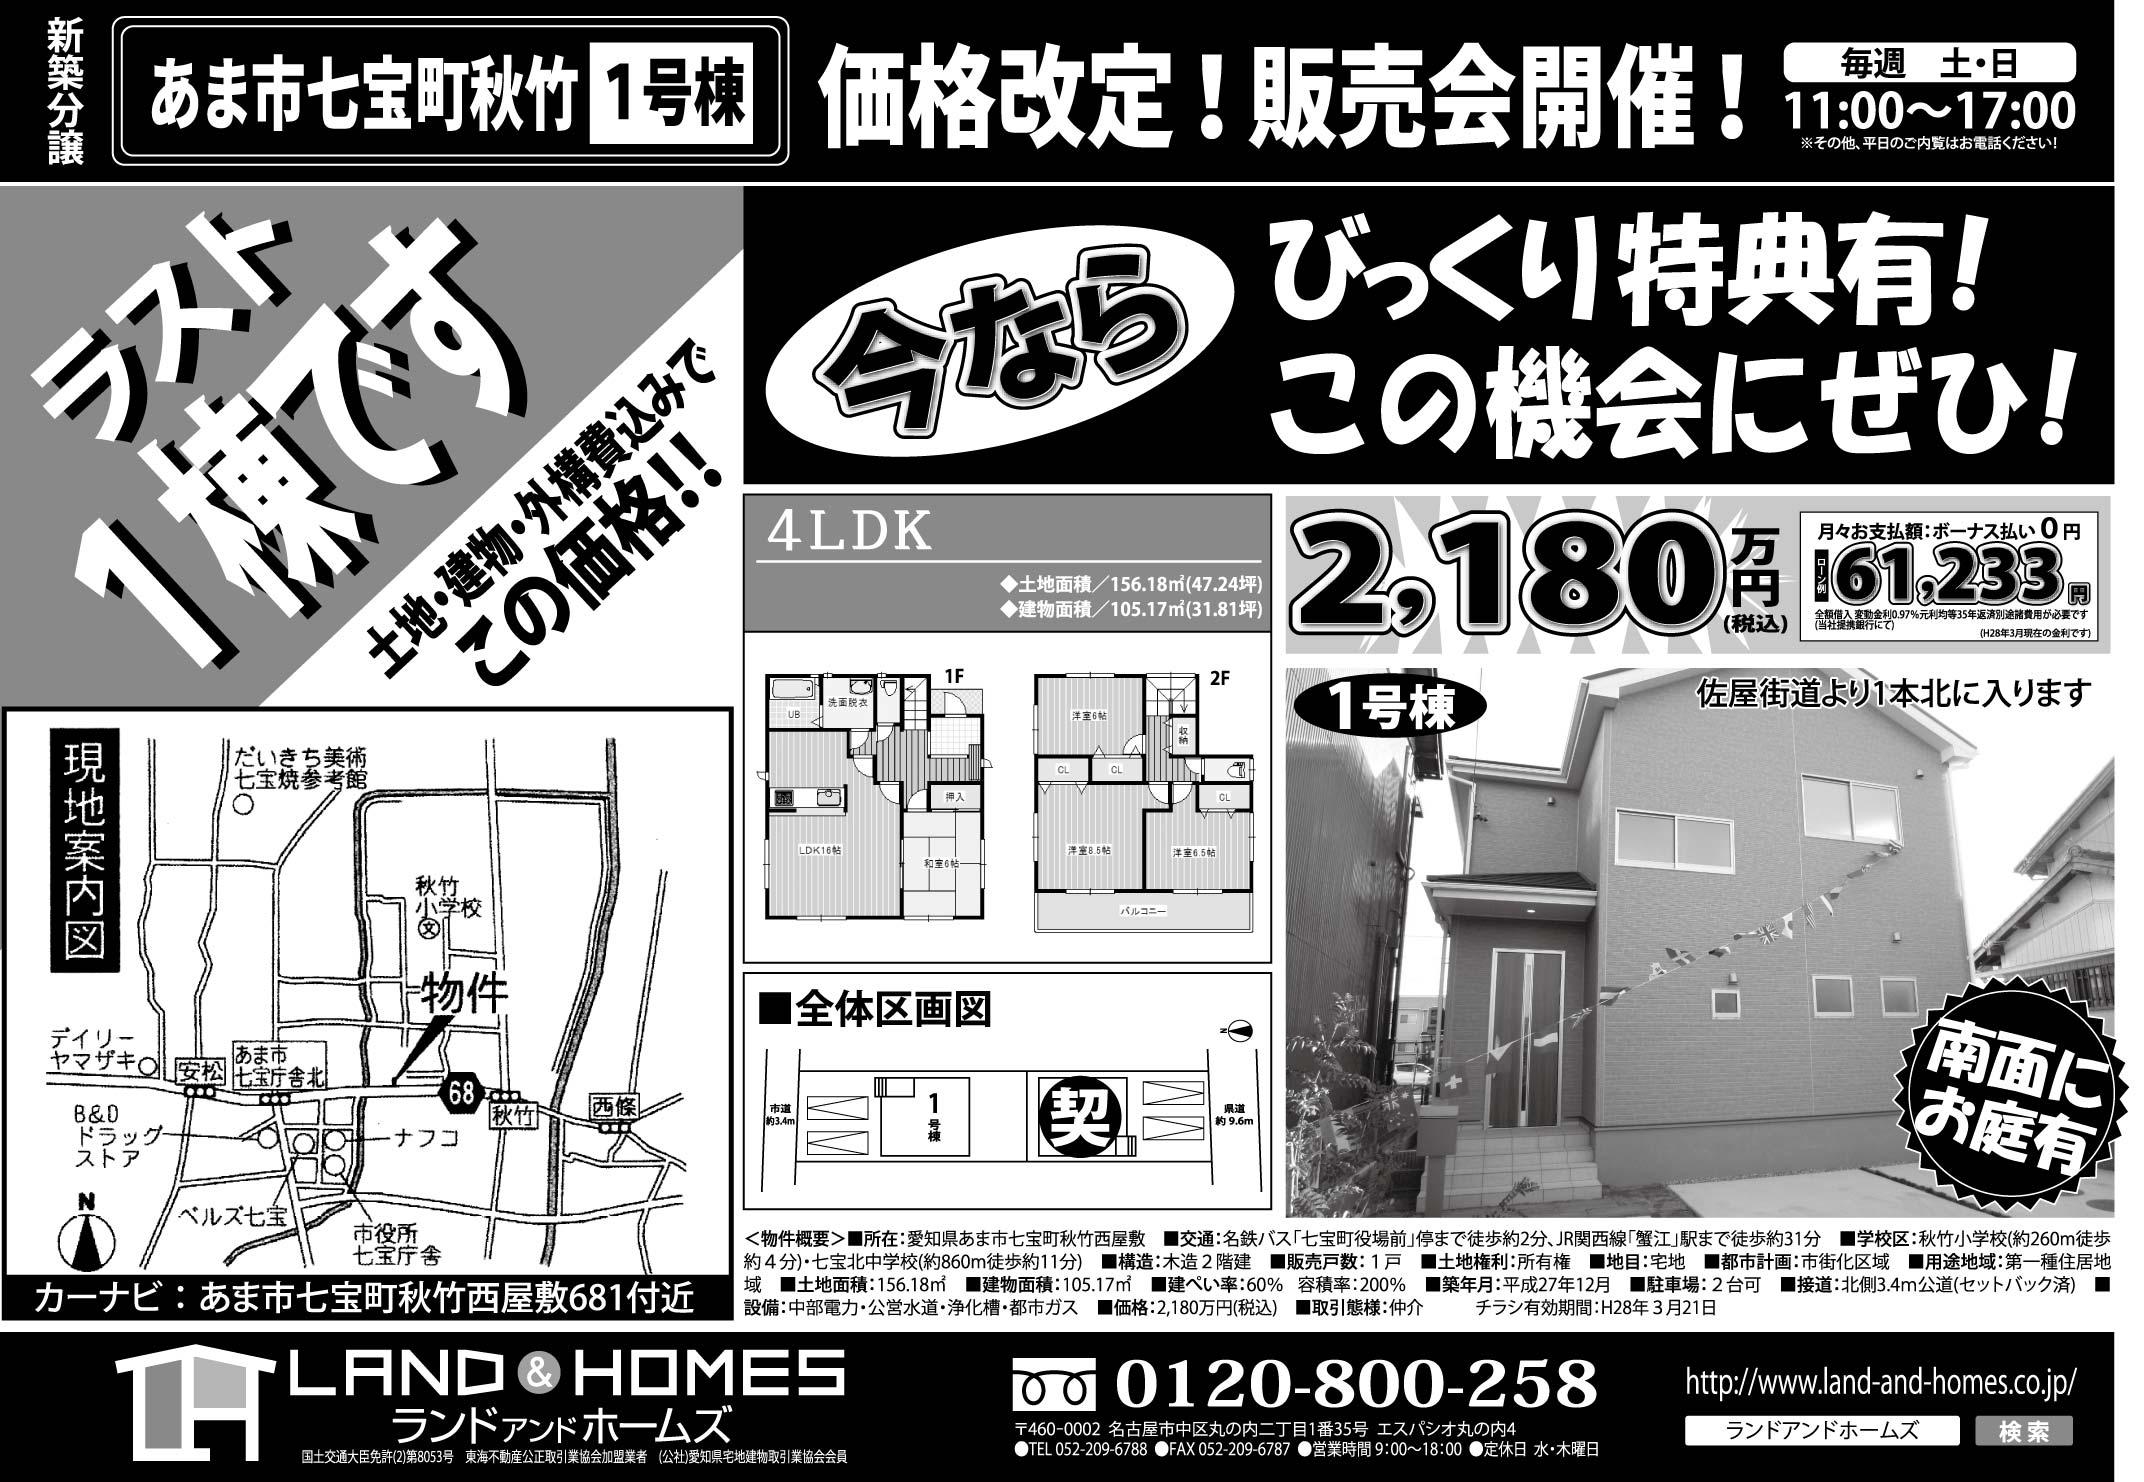 あま市 七宝町秋竹 チラシ 2016.3.5.6 out